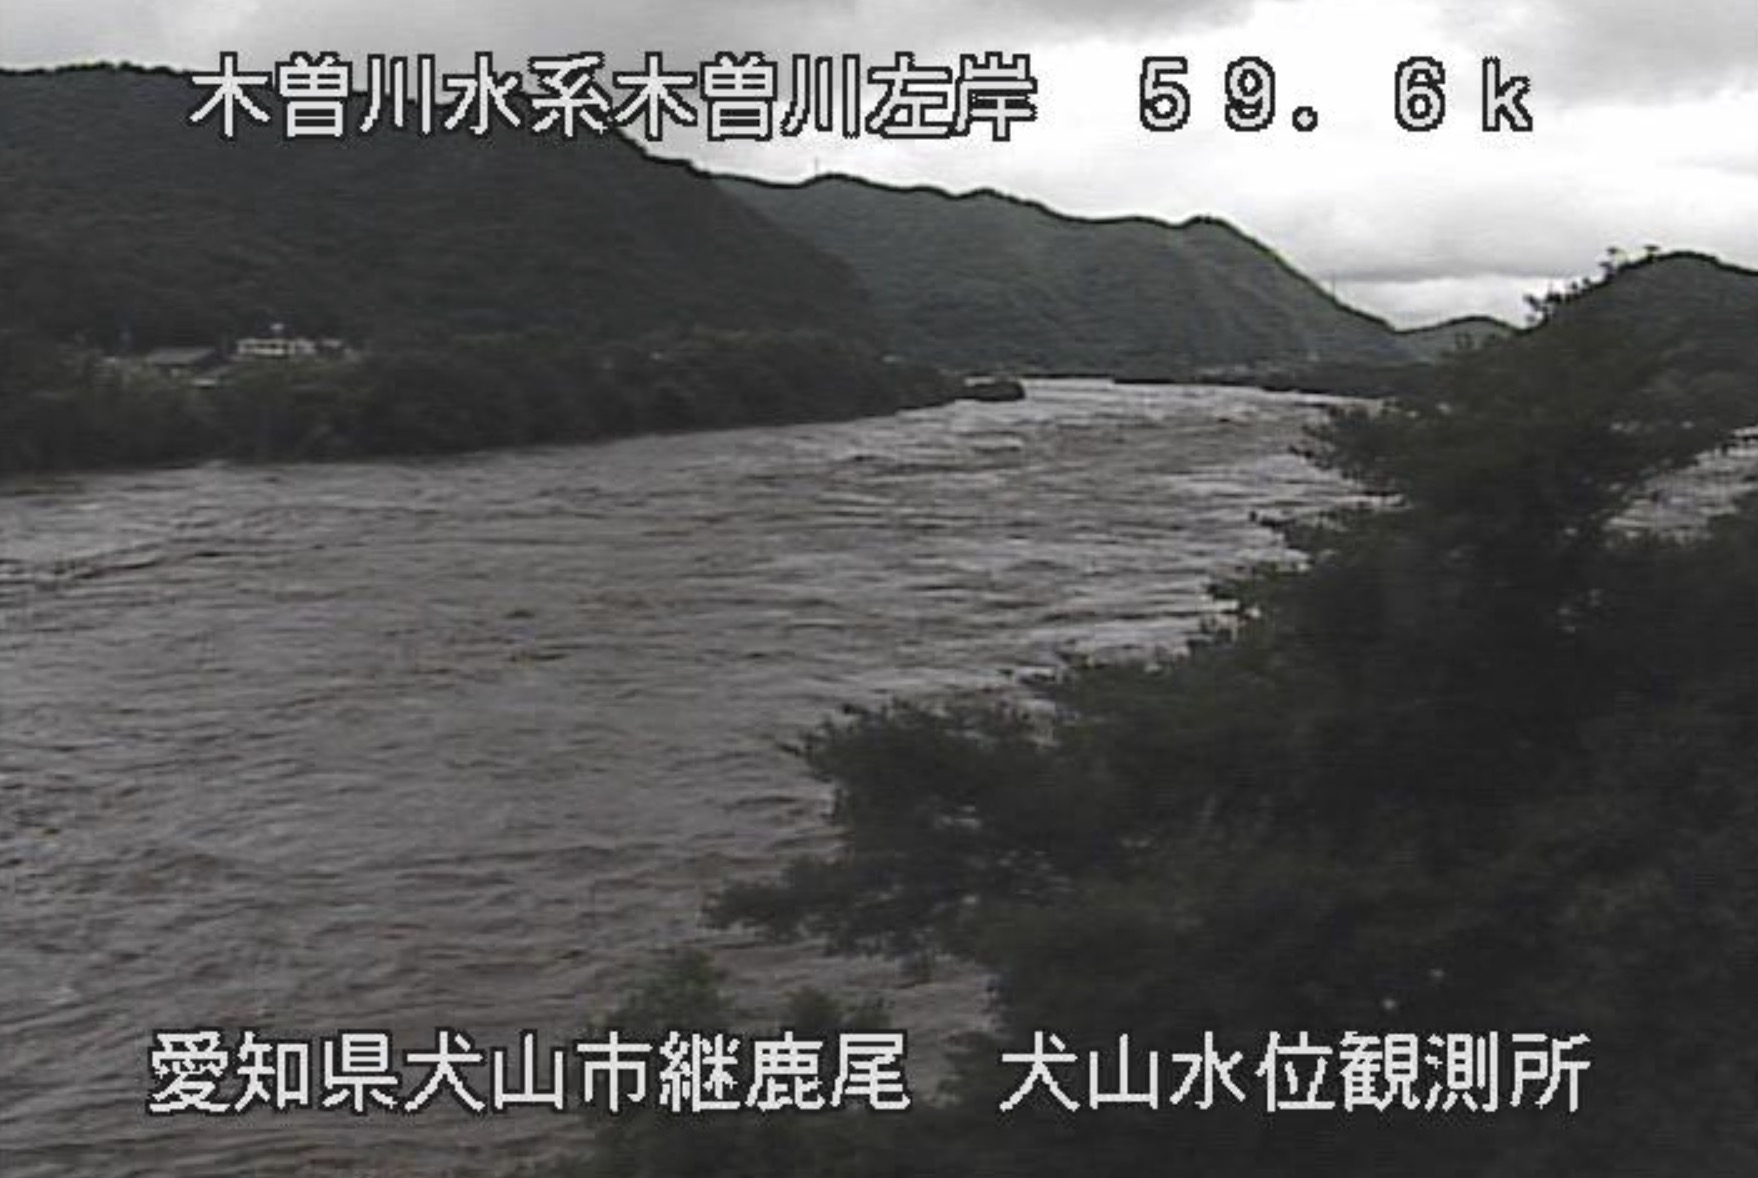 水位 ライブ カメラ 木曽川